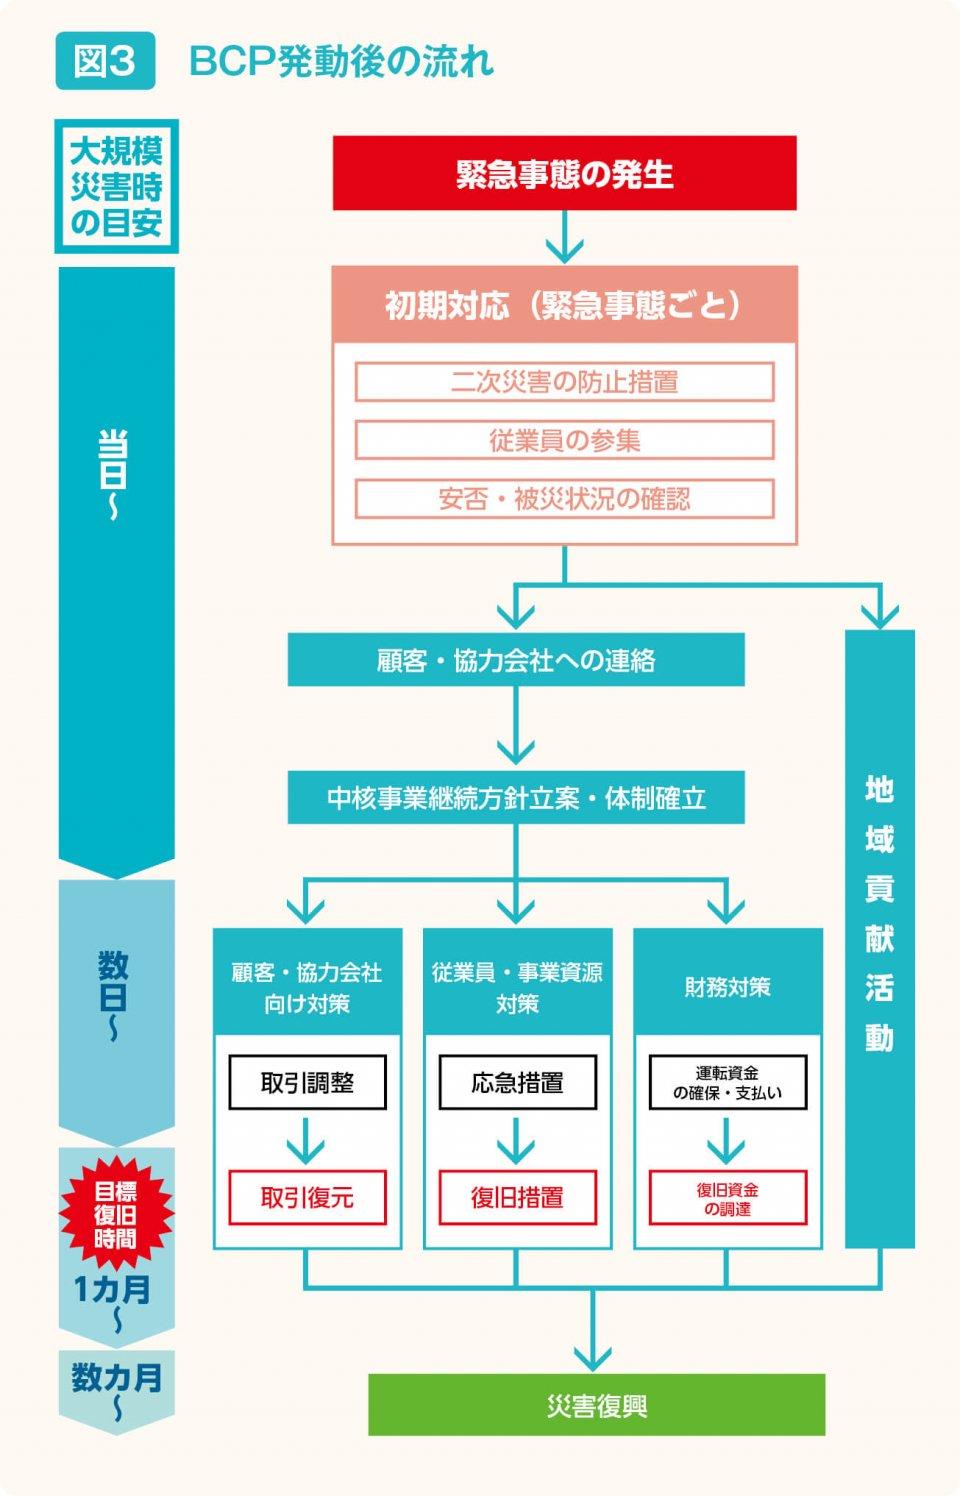 図3 BCP発動後の流れ 出典:中小企業庁HP「中小企業BCPの策定運用指針」より抜粋